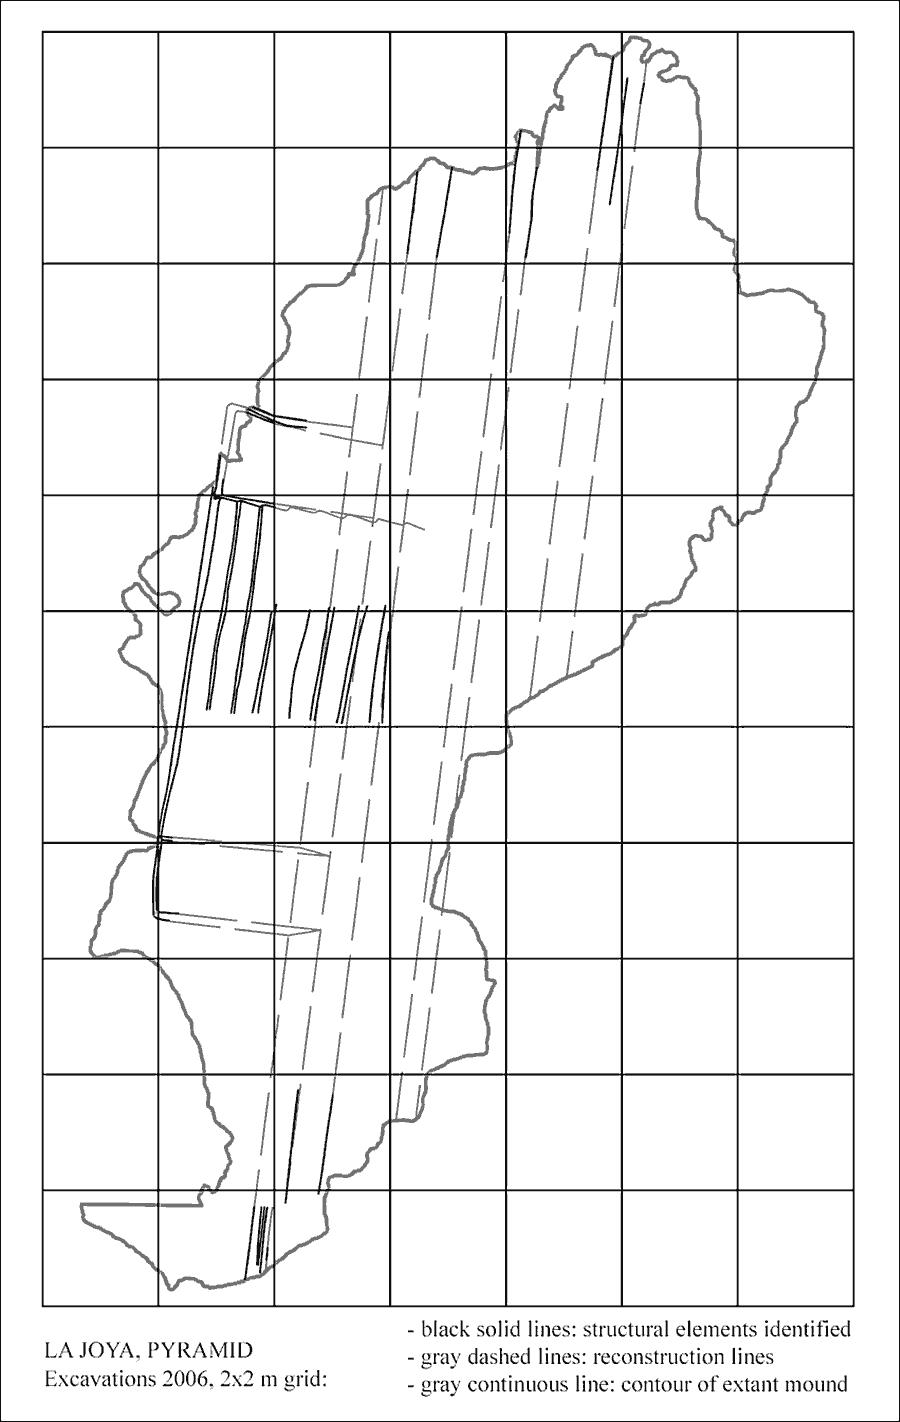 Fig. 4: La Joya Pyramid (Daneels 2007–2008)